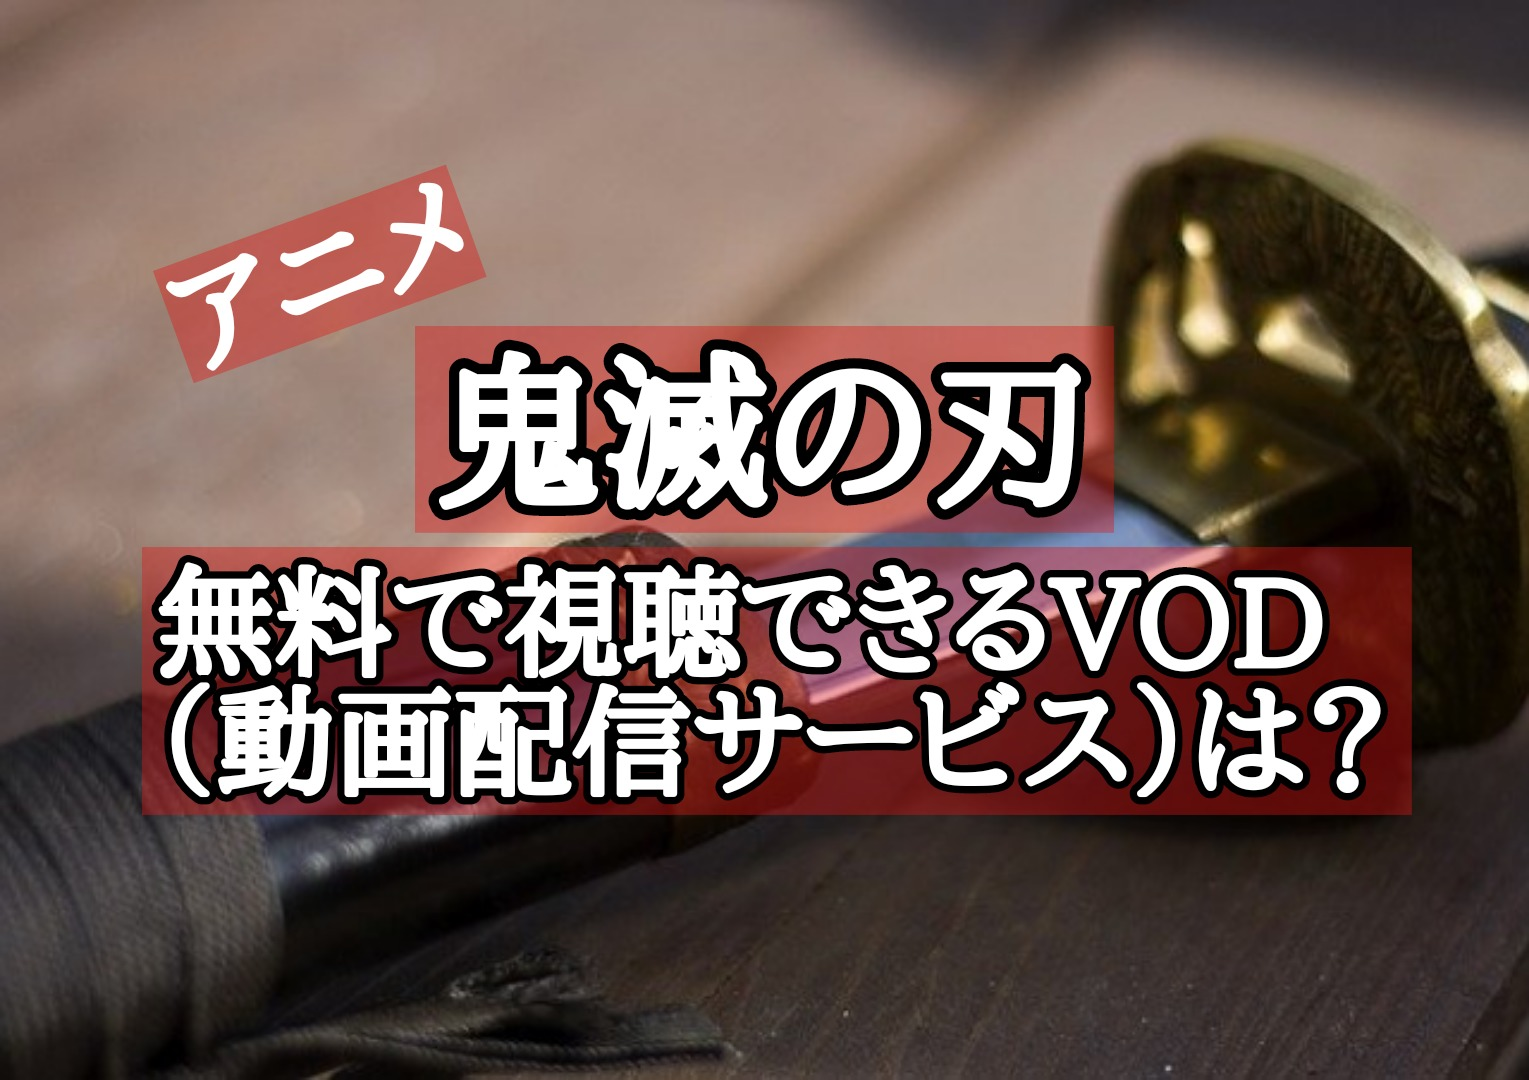 アニメ 鬼滅の刃 を無料で視聴できるVOD(動画配信サービス)は?